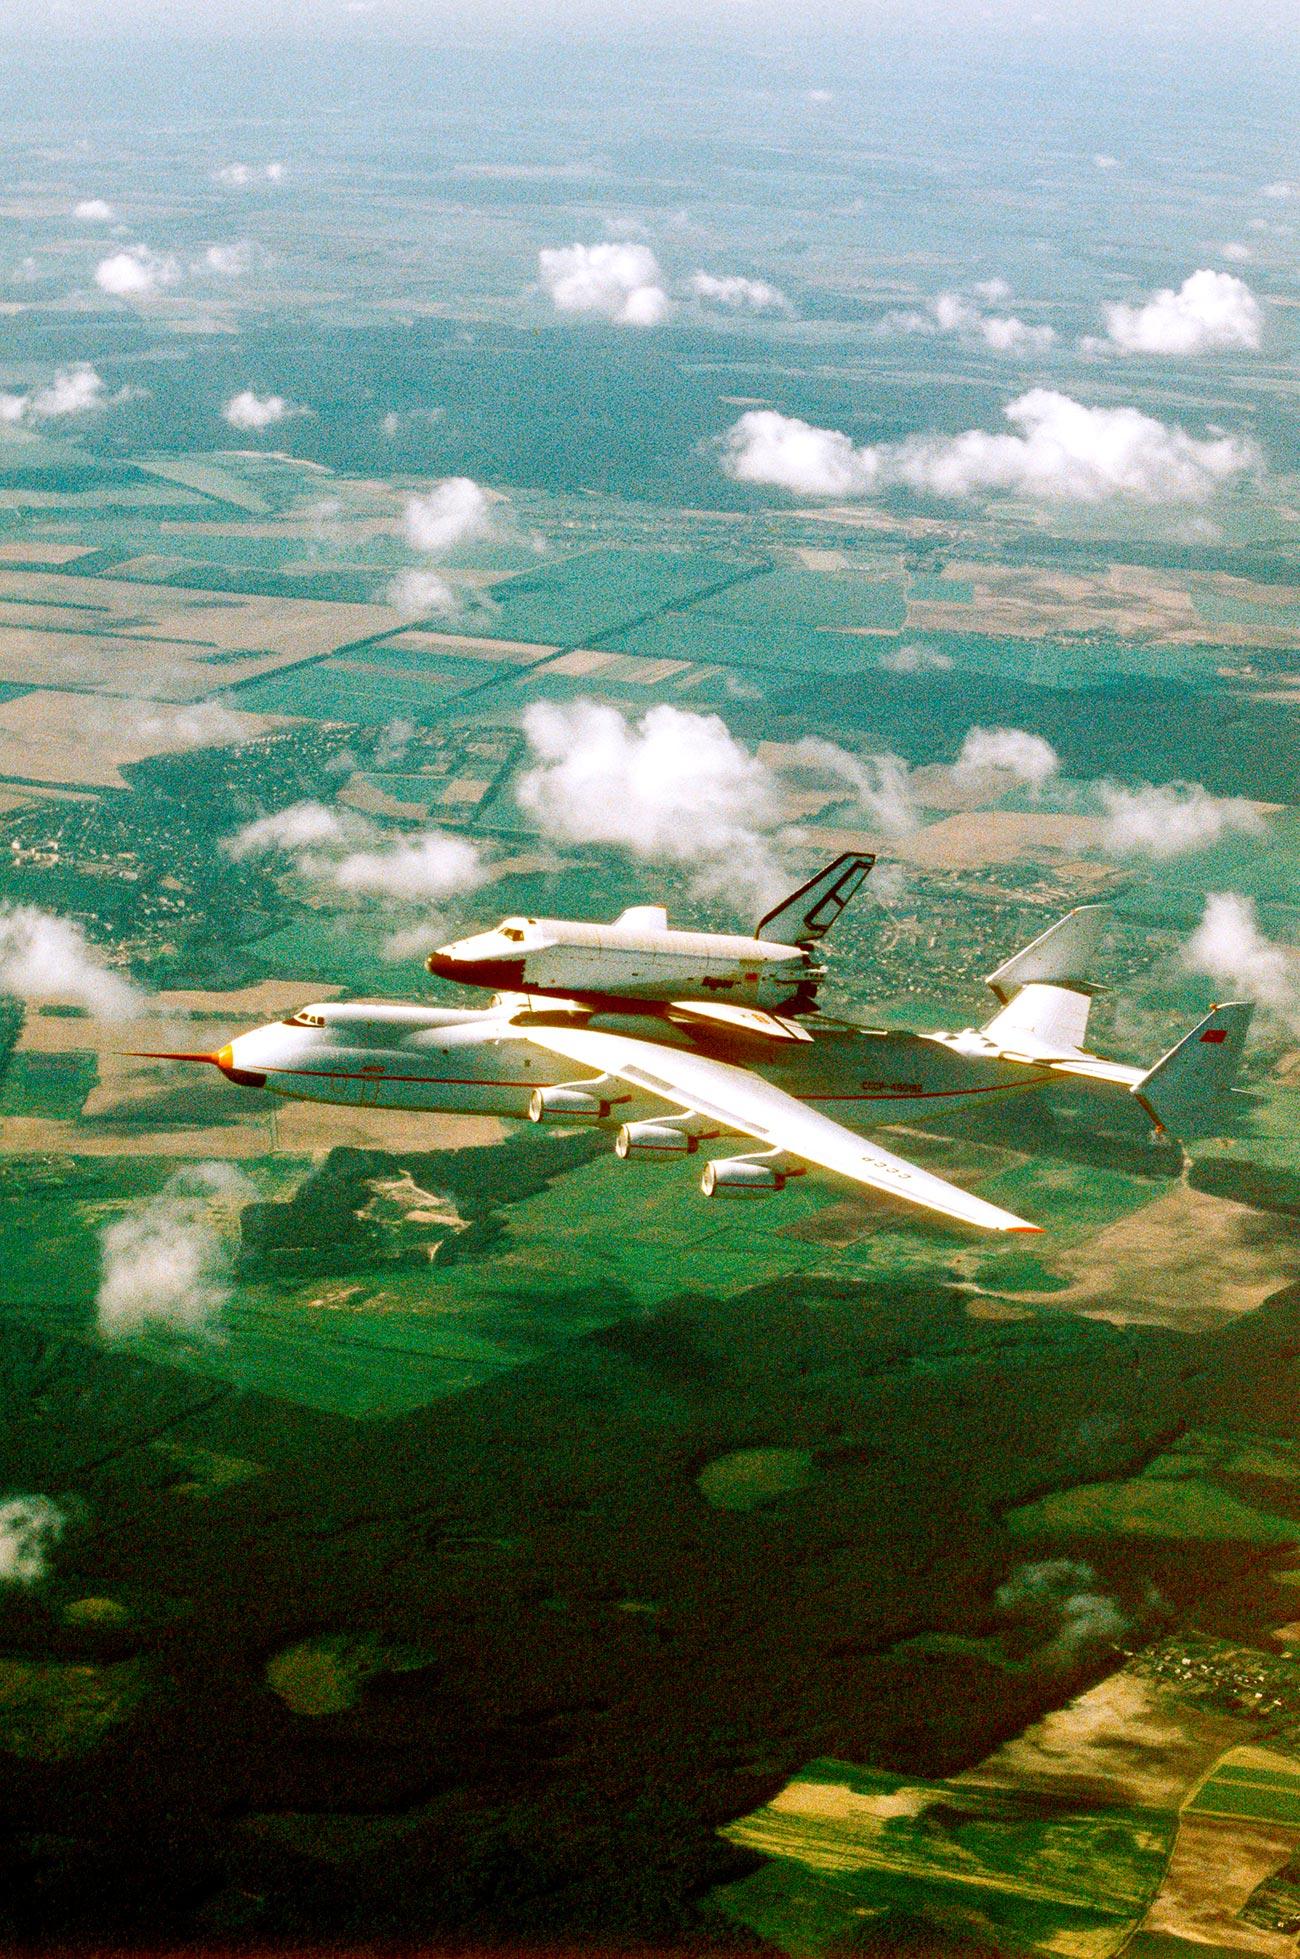 宇宙船「ブラン」を積載したAn-225「ムリーヤ」=イーゴリ・コスチン/ロシア通信